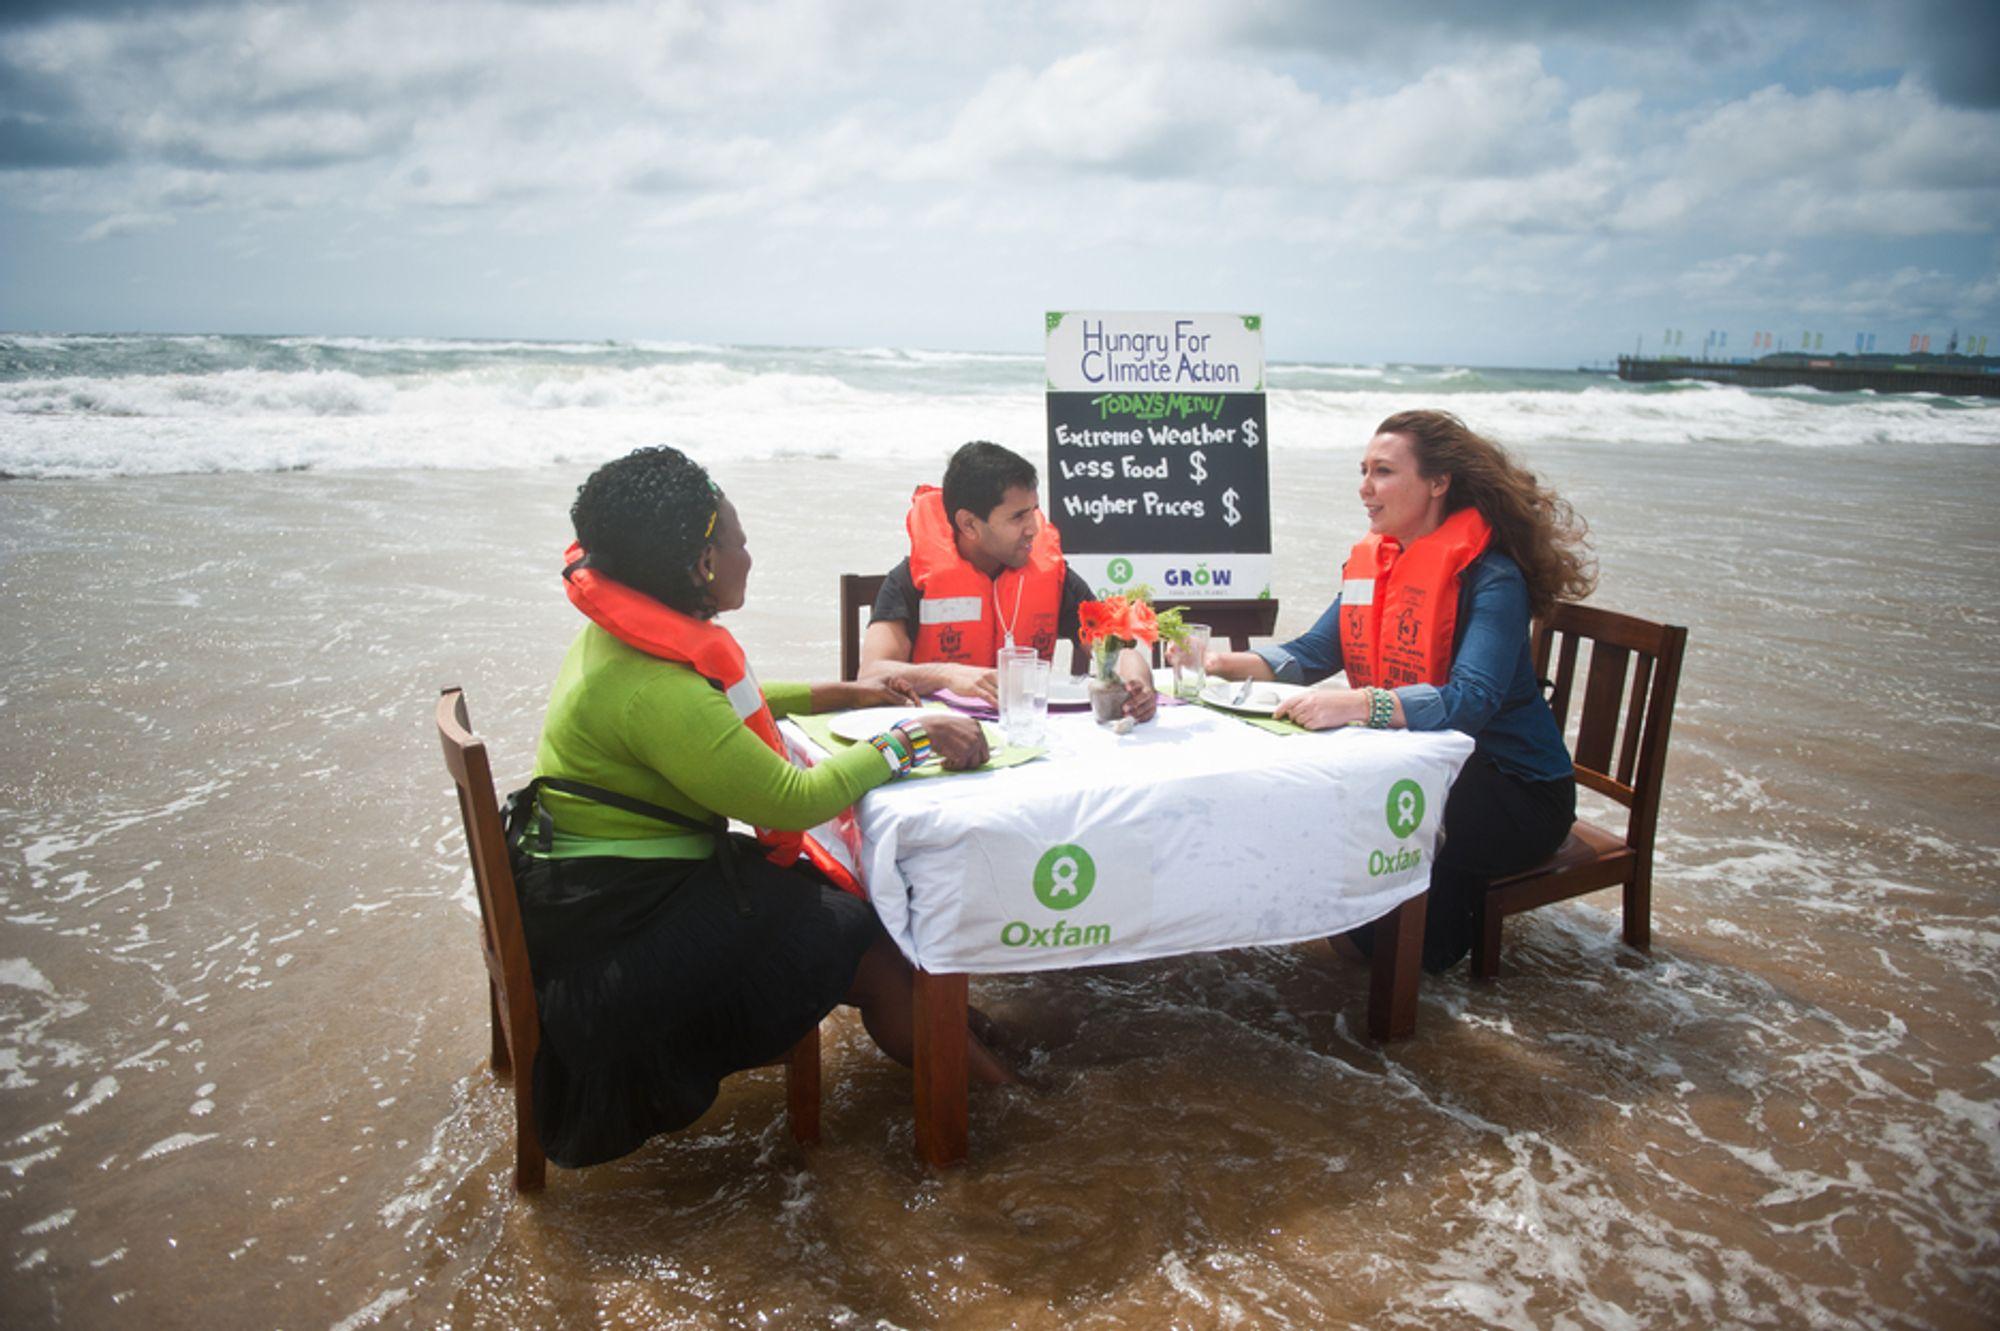 Organisasjonen Oxfam demonstrerer mot konsekvensene av klimaendringer på stranden under klimatoppmøtet i Durban i Sør-Afrika.